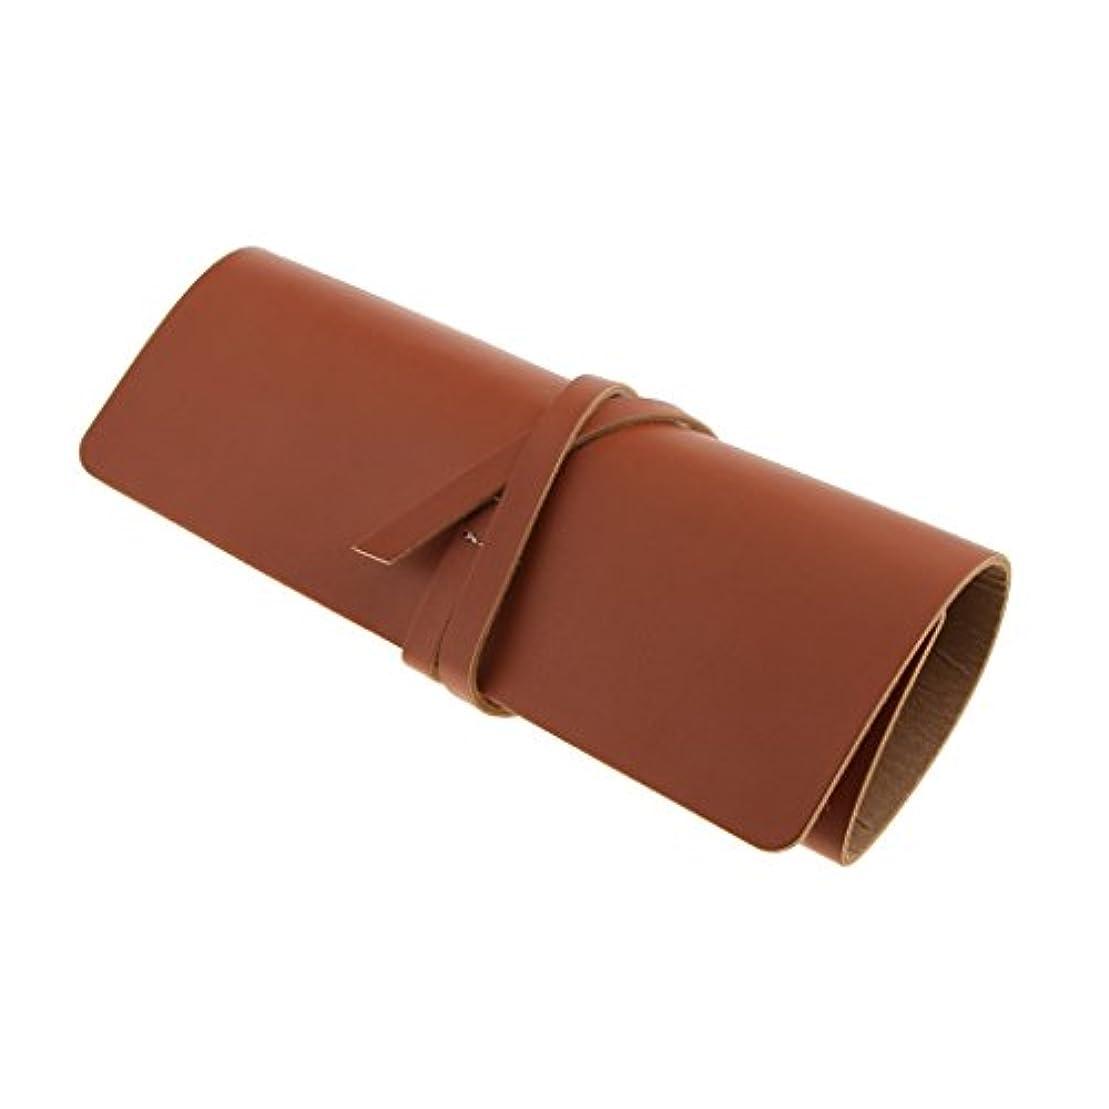 改善する判決サービスHellery カミソリケース 収納ケース 収納ポーチ ストレート かみそりケース プロテクターポーチ 理容 全2色 - 褐色